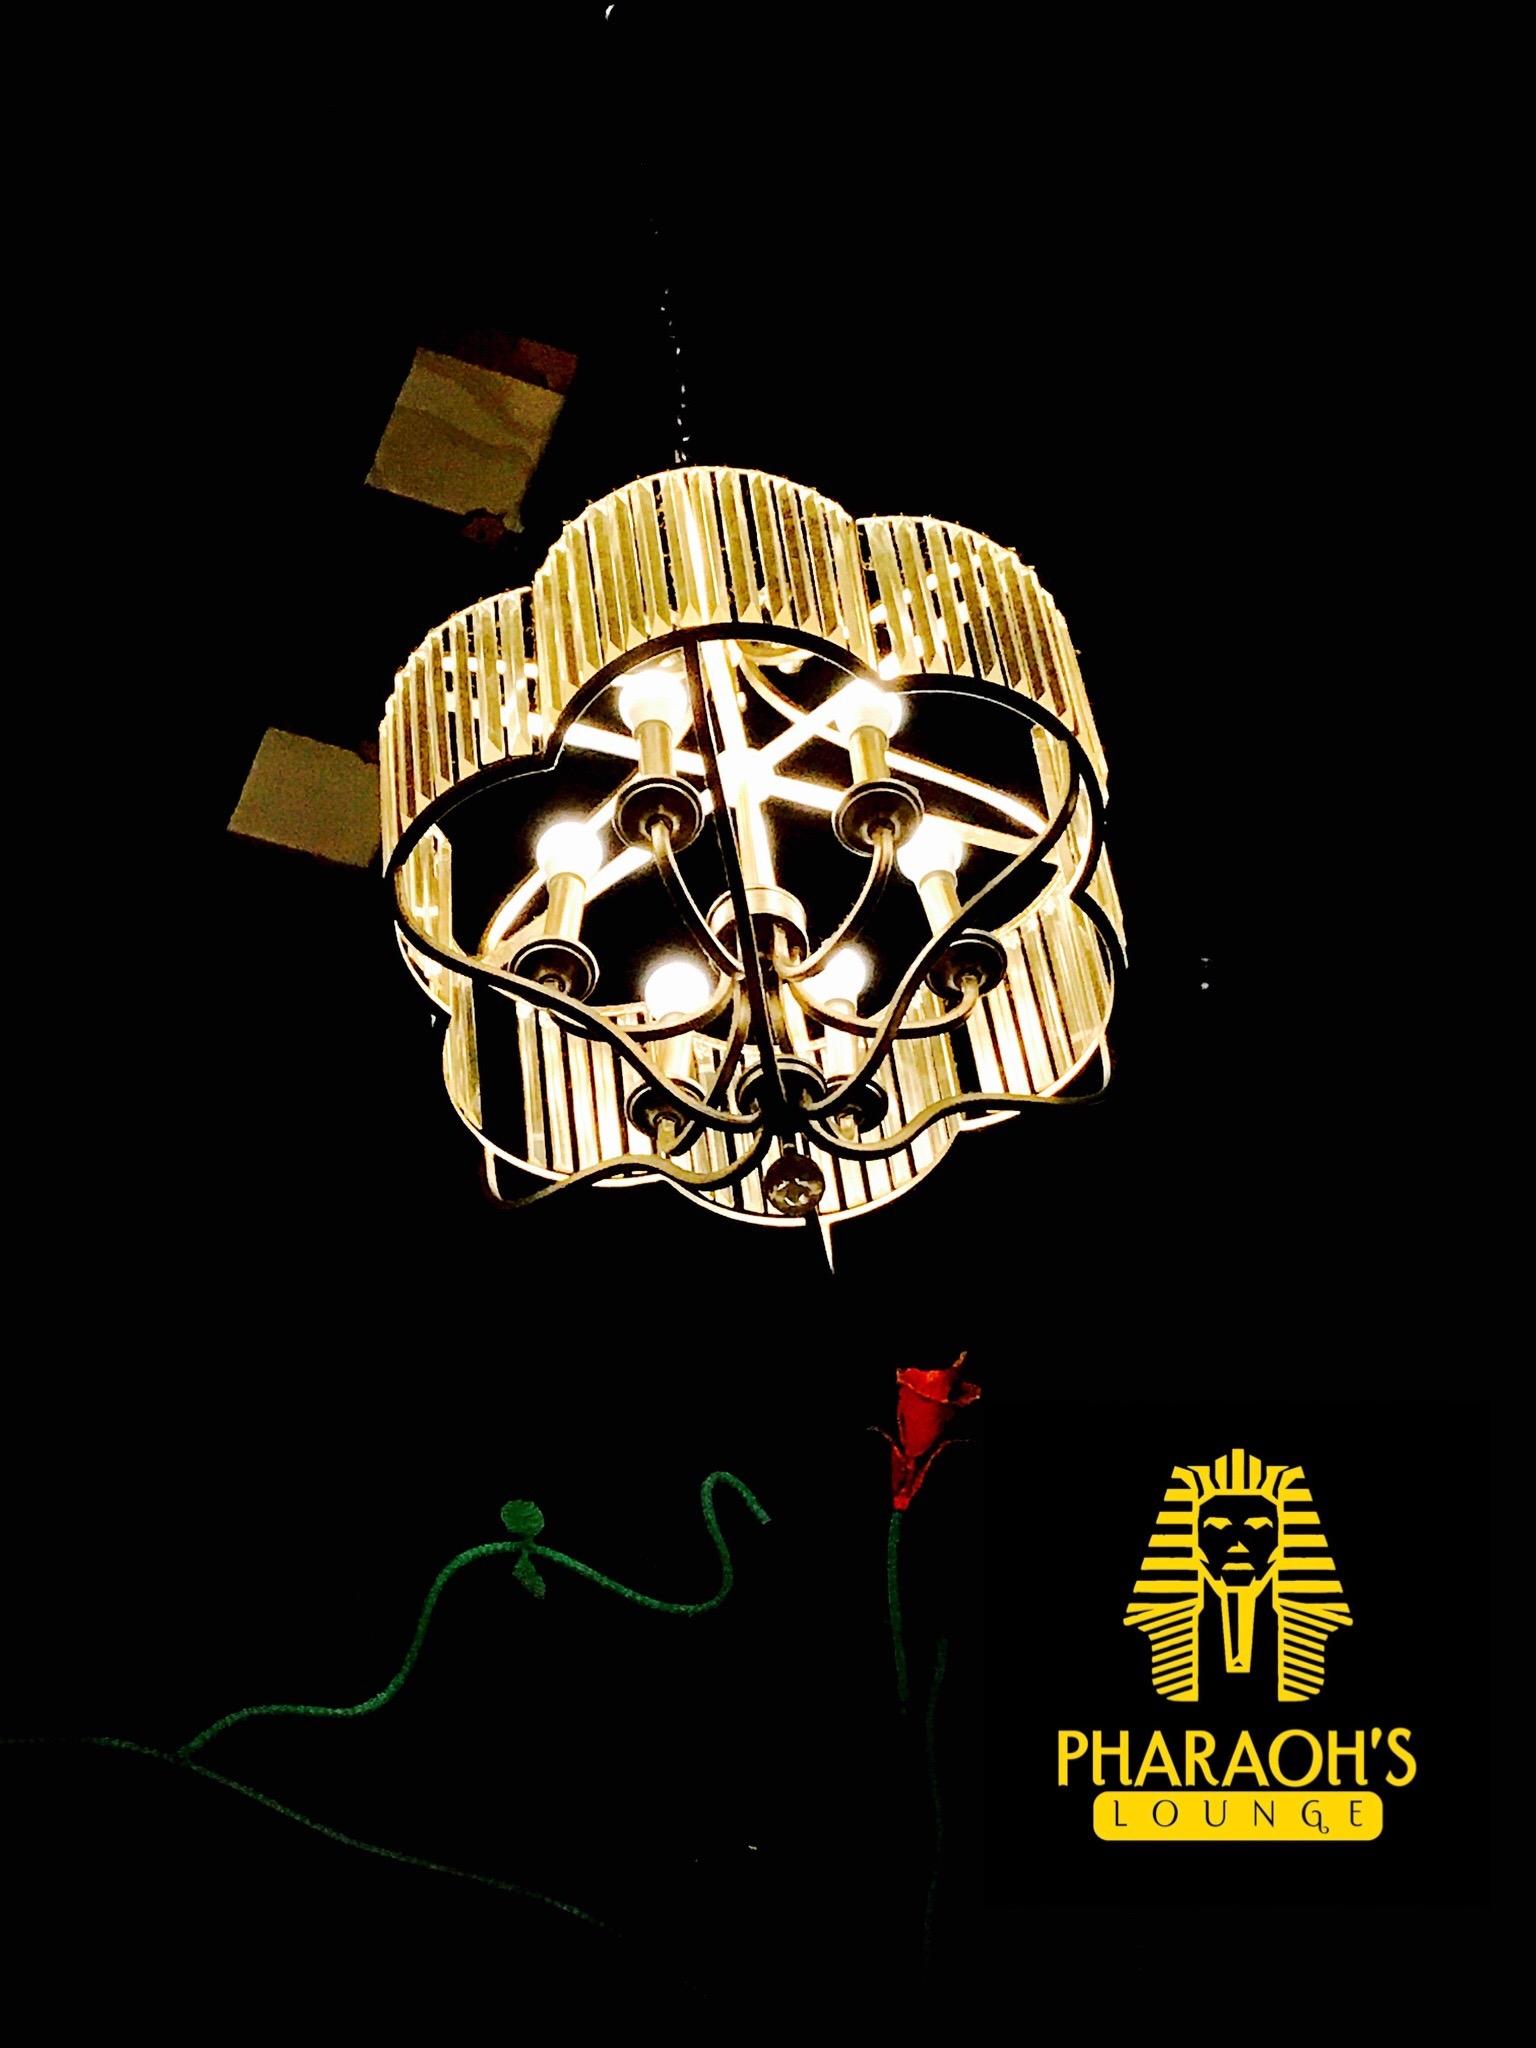 Pharaoh's Hookah Lounge image 17